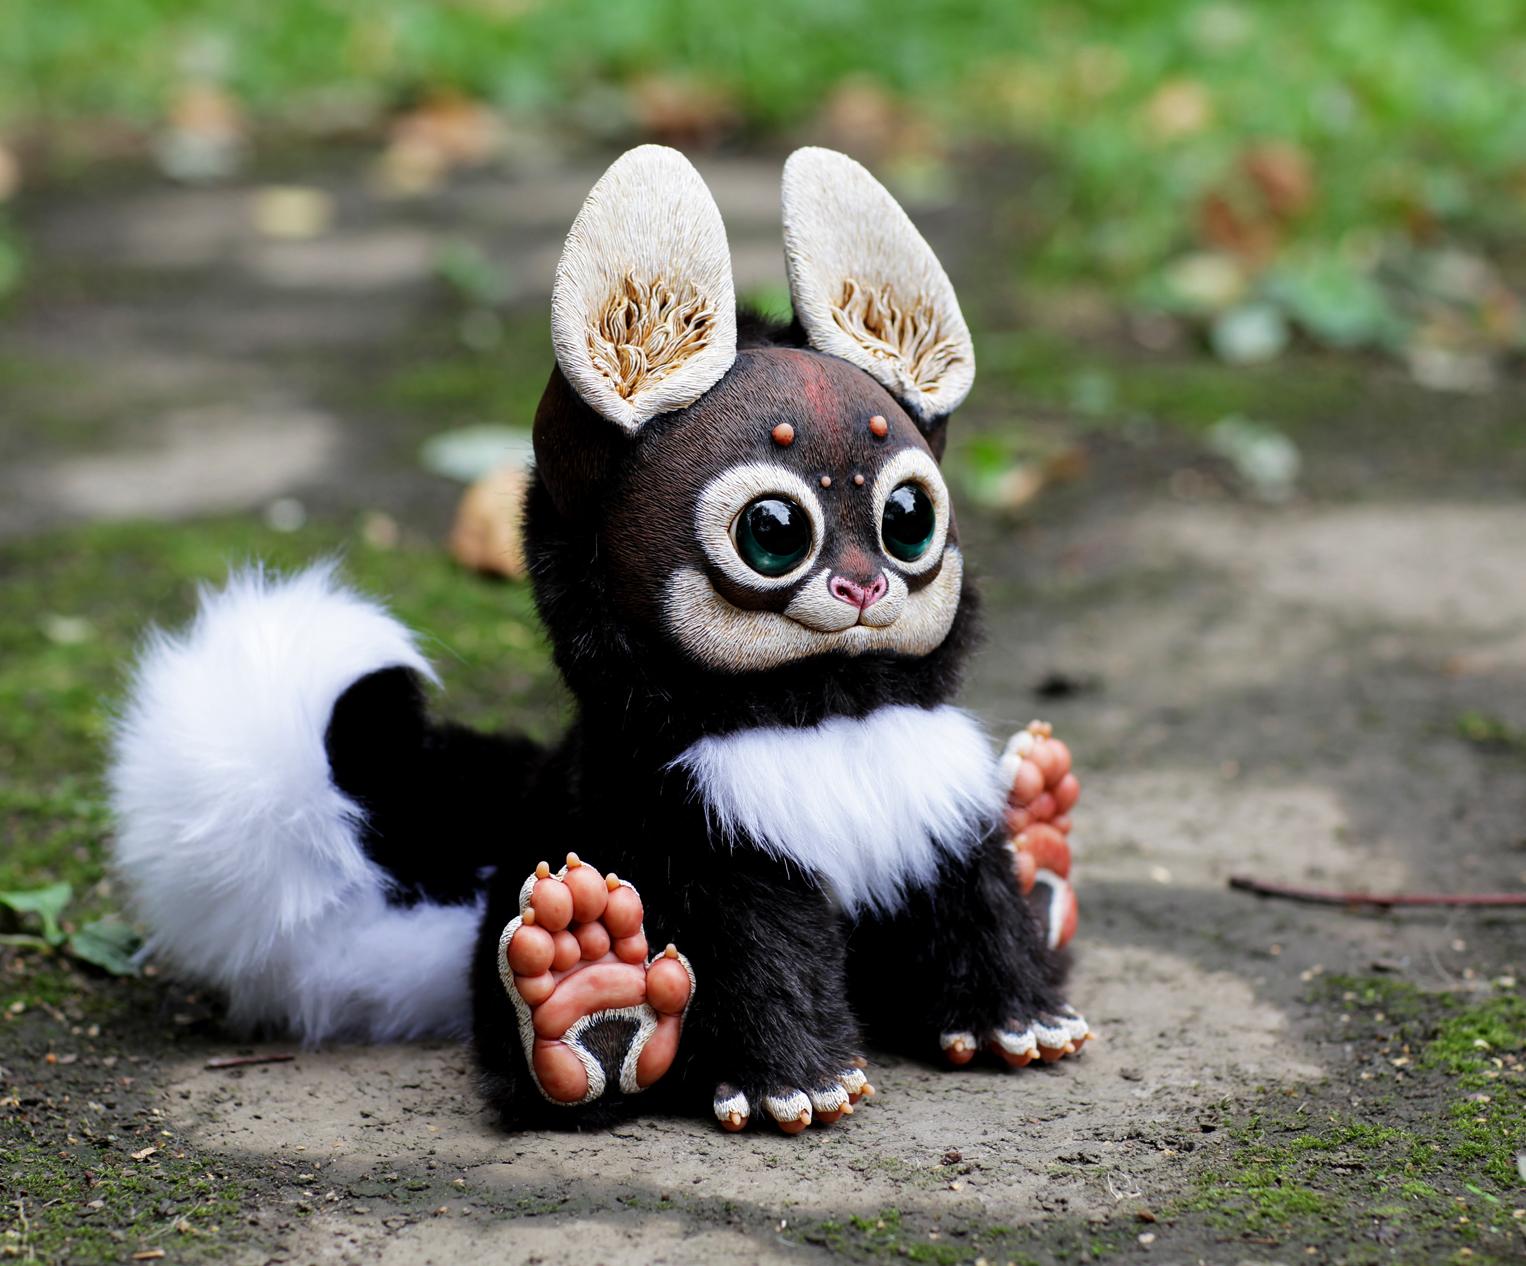 彼女のおもちゃはファンタジー風に作られているが、より現実的で生き生きとした人形になるように、彼女は一定レベルの自然さを加えるようにしている。こうしたアプローチに基づき、マリアさんは人形の表面のレリーフに集中する。